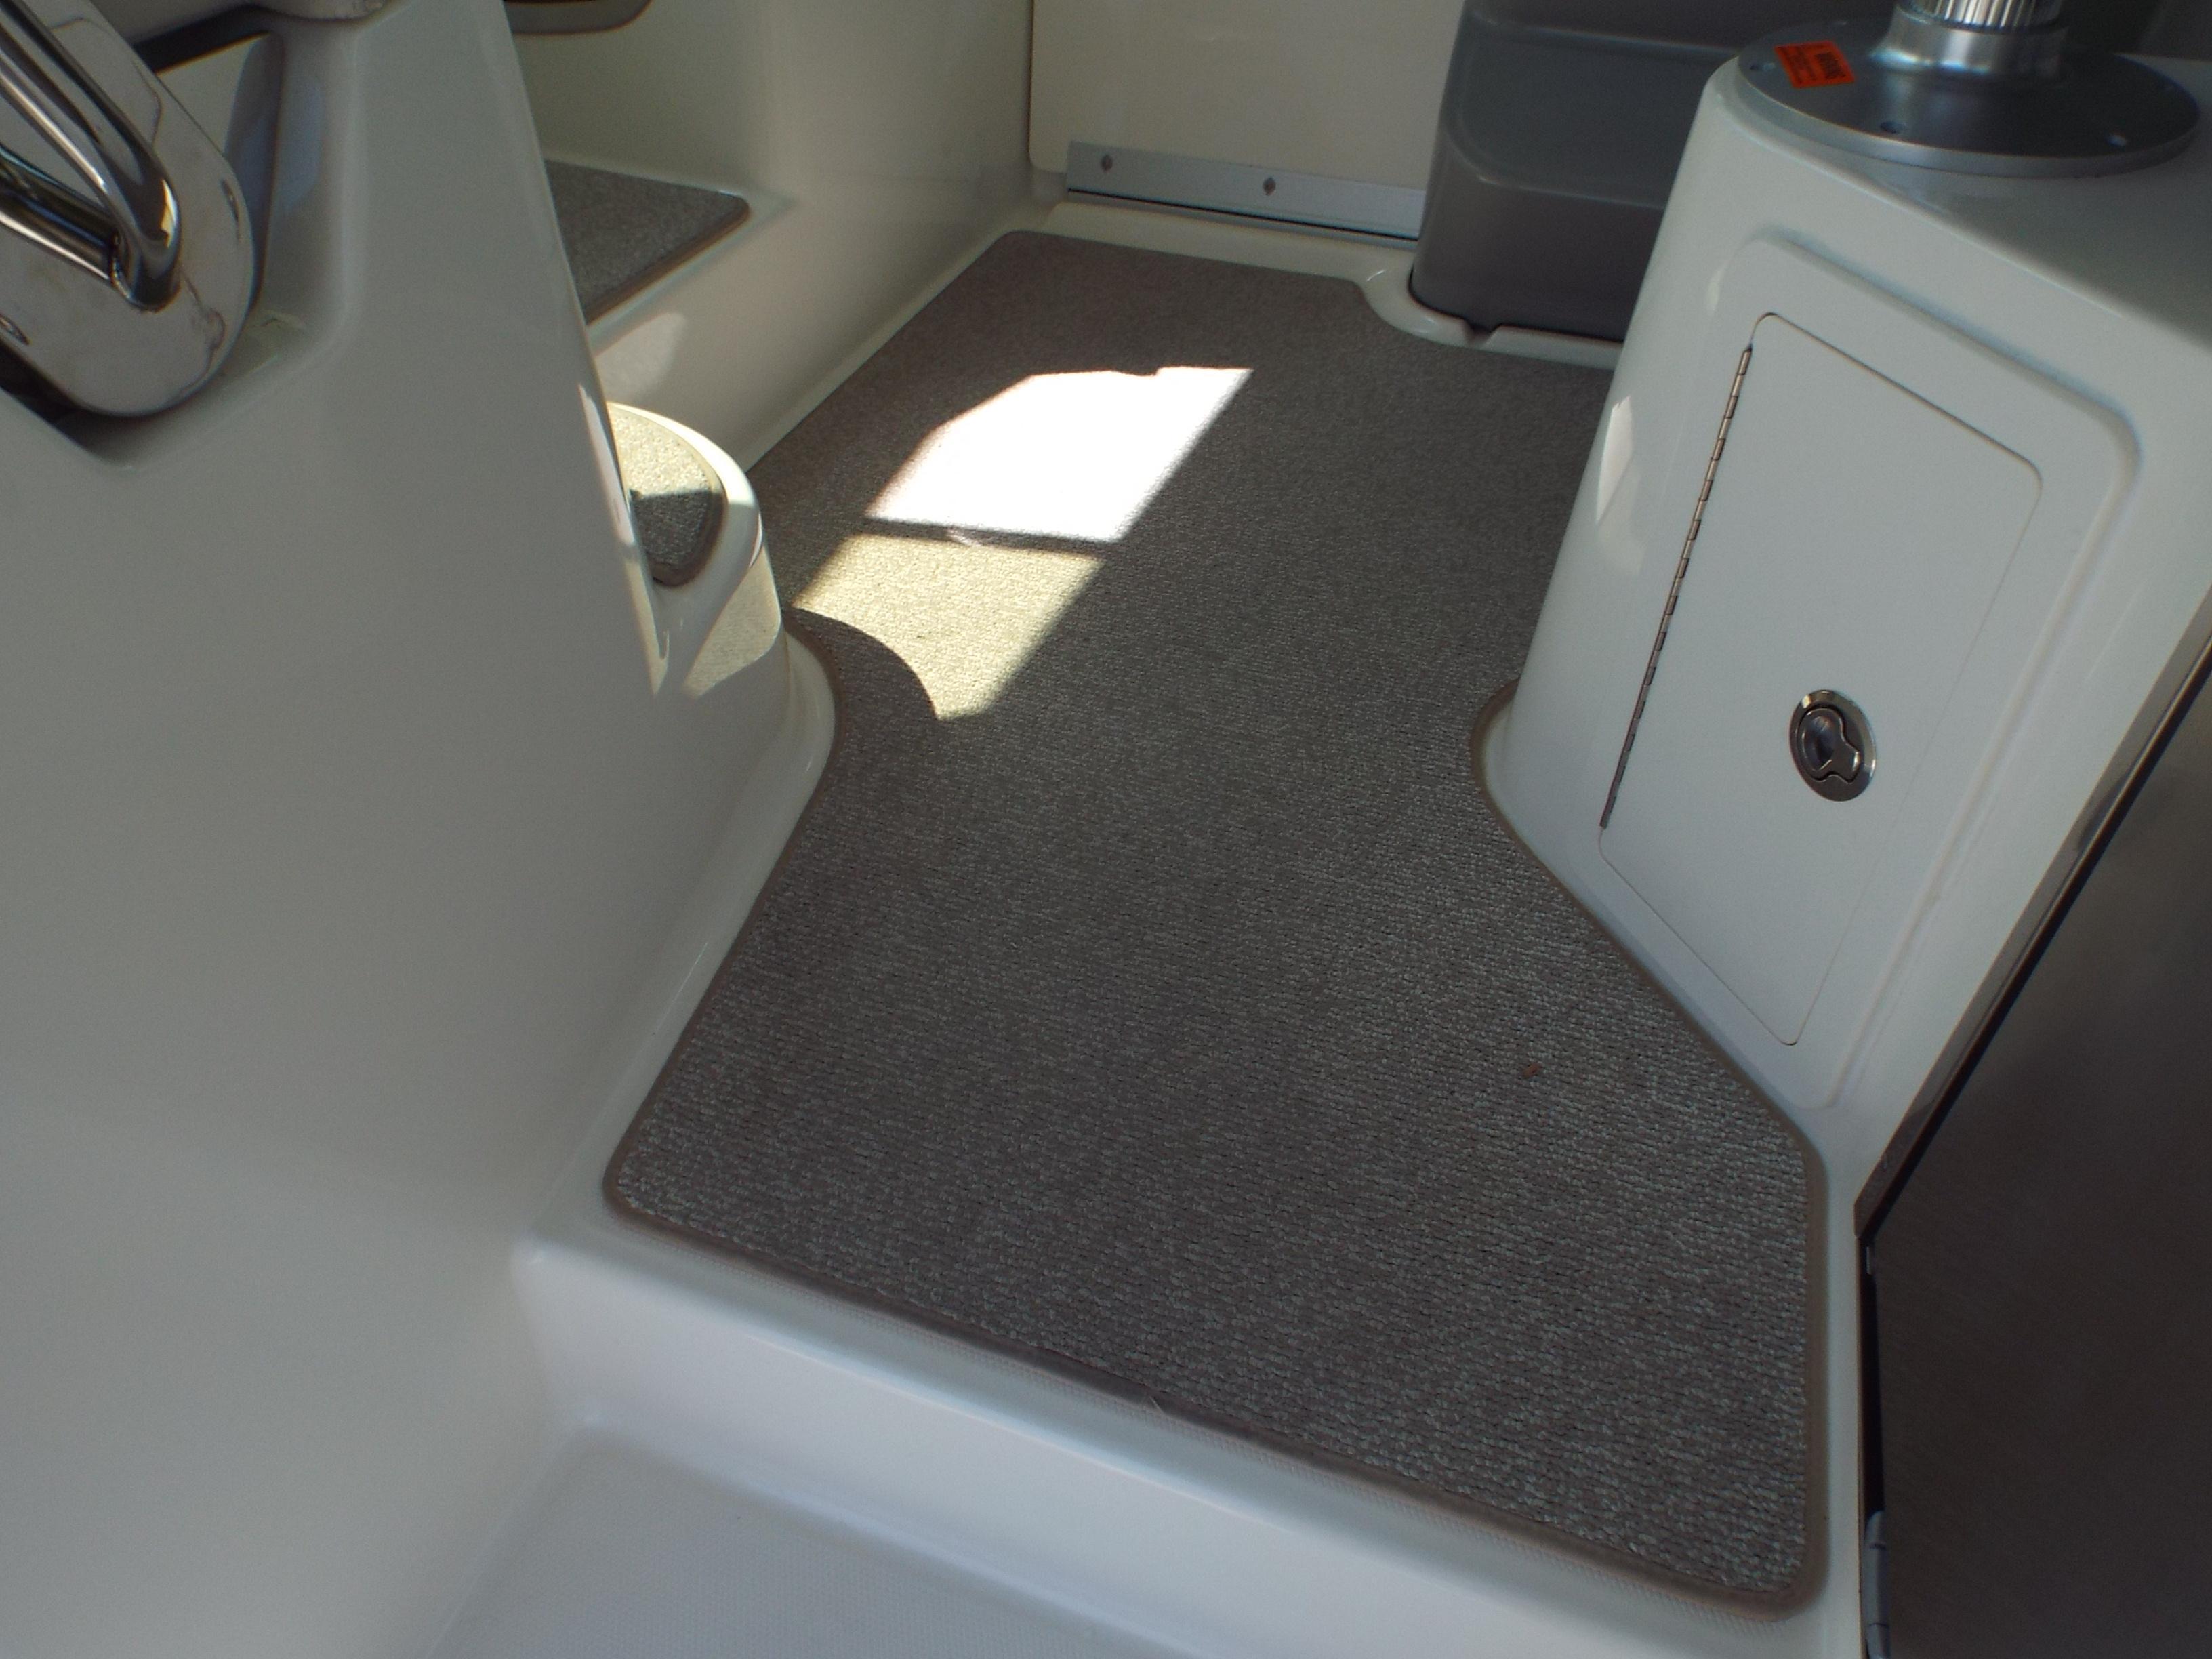 Helm Area Carpet 2